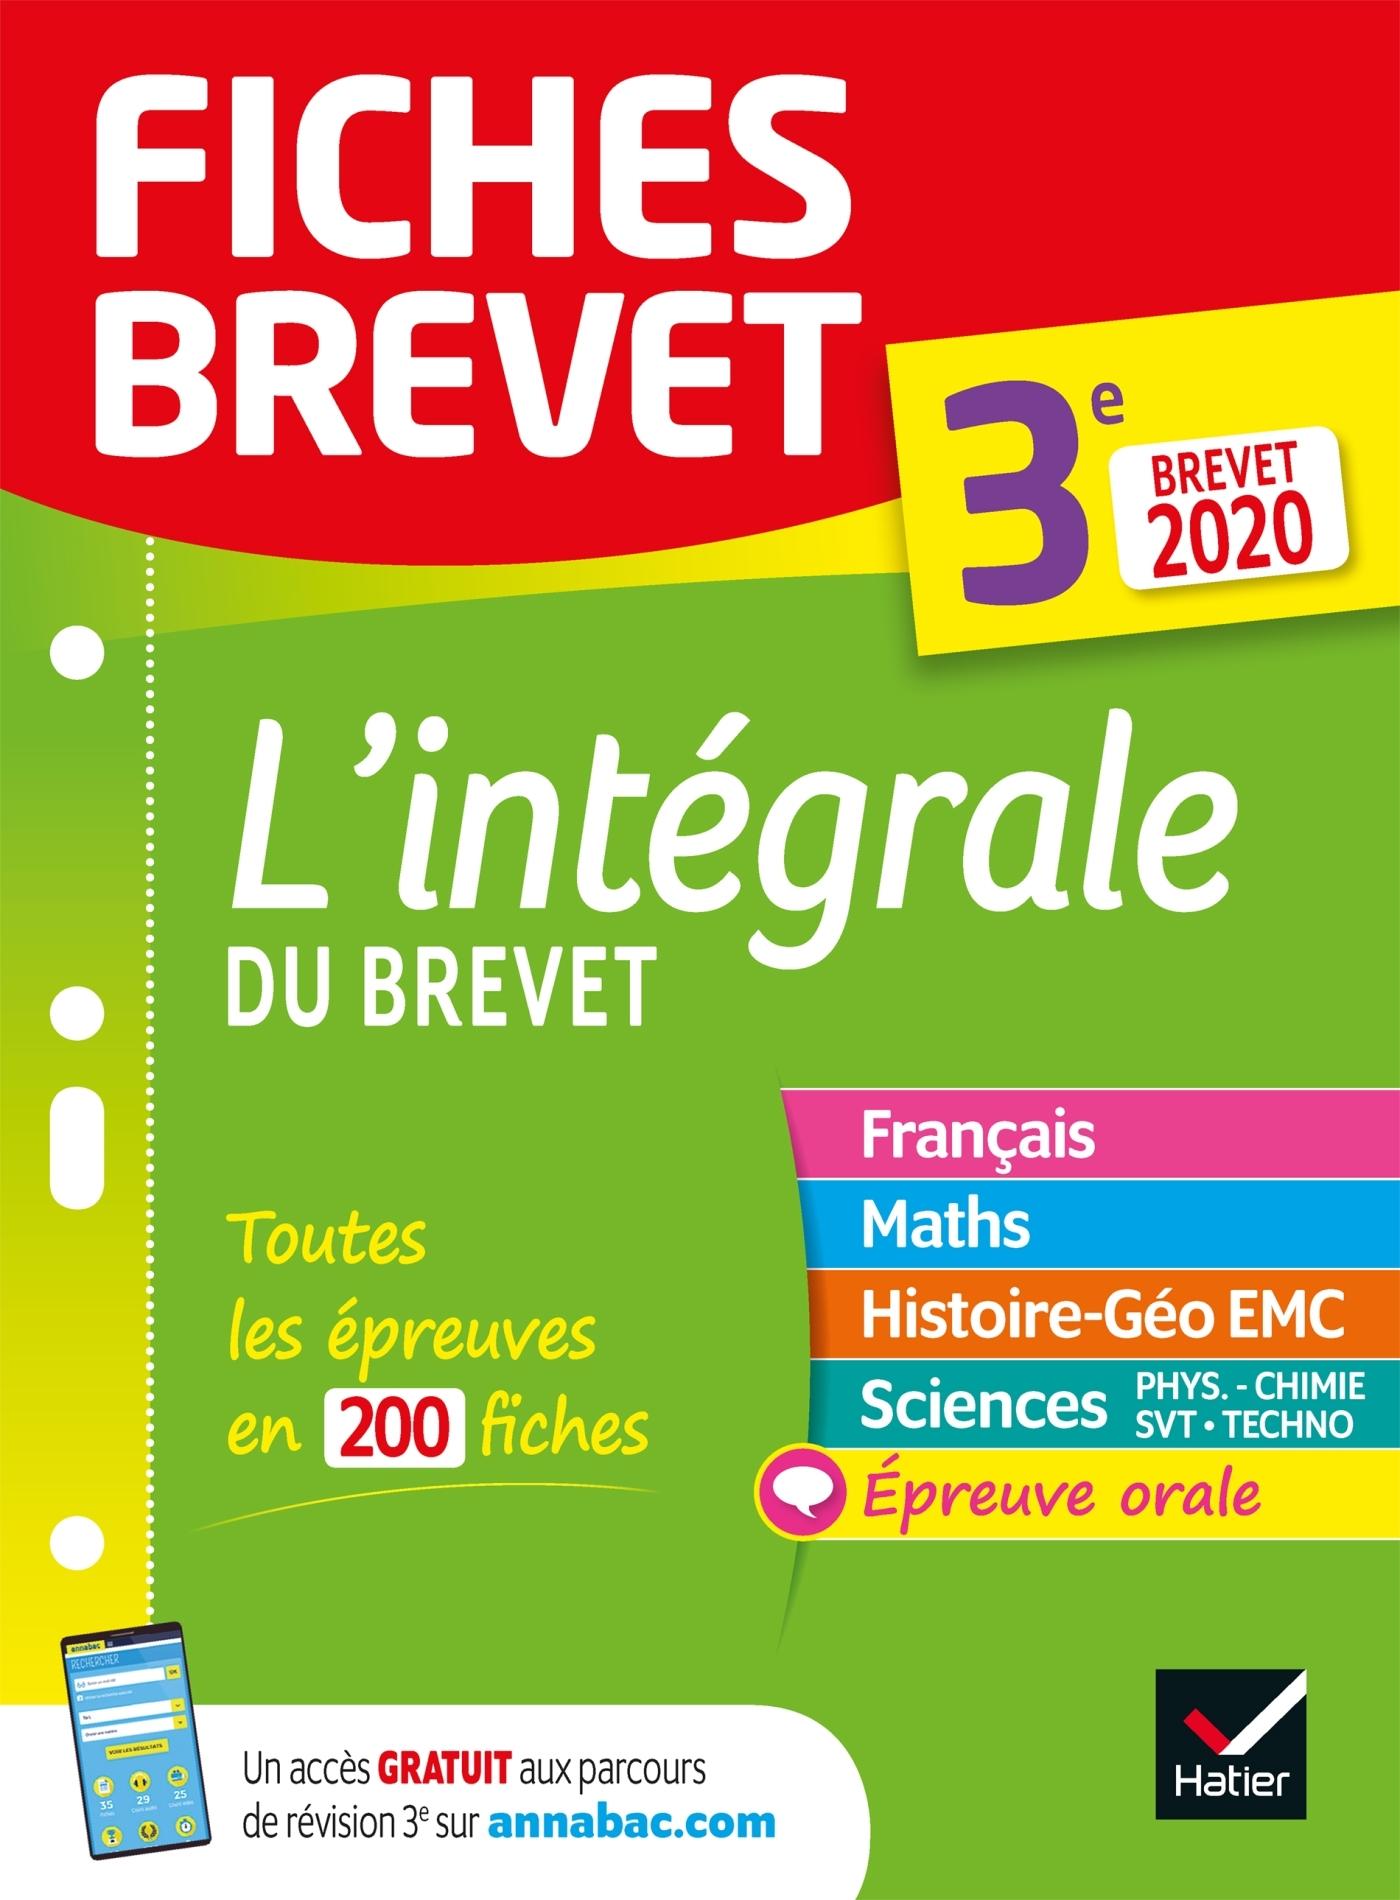 FICHES BREVET L'INTEGRALE DU BREVET 3E BREVET 2020 - FICHES DE REVISION POUR LES 5 EPREUVES